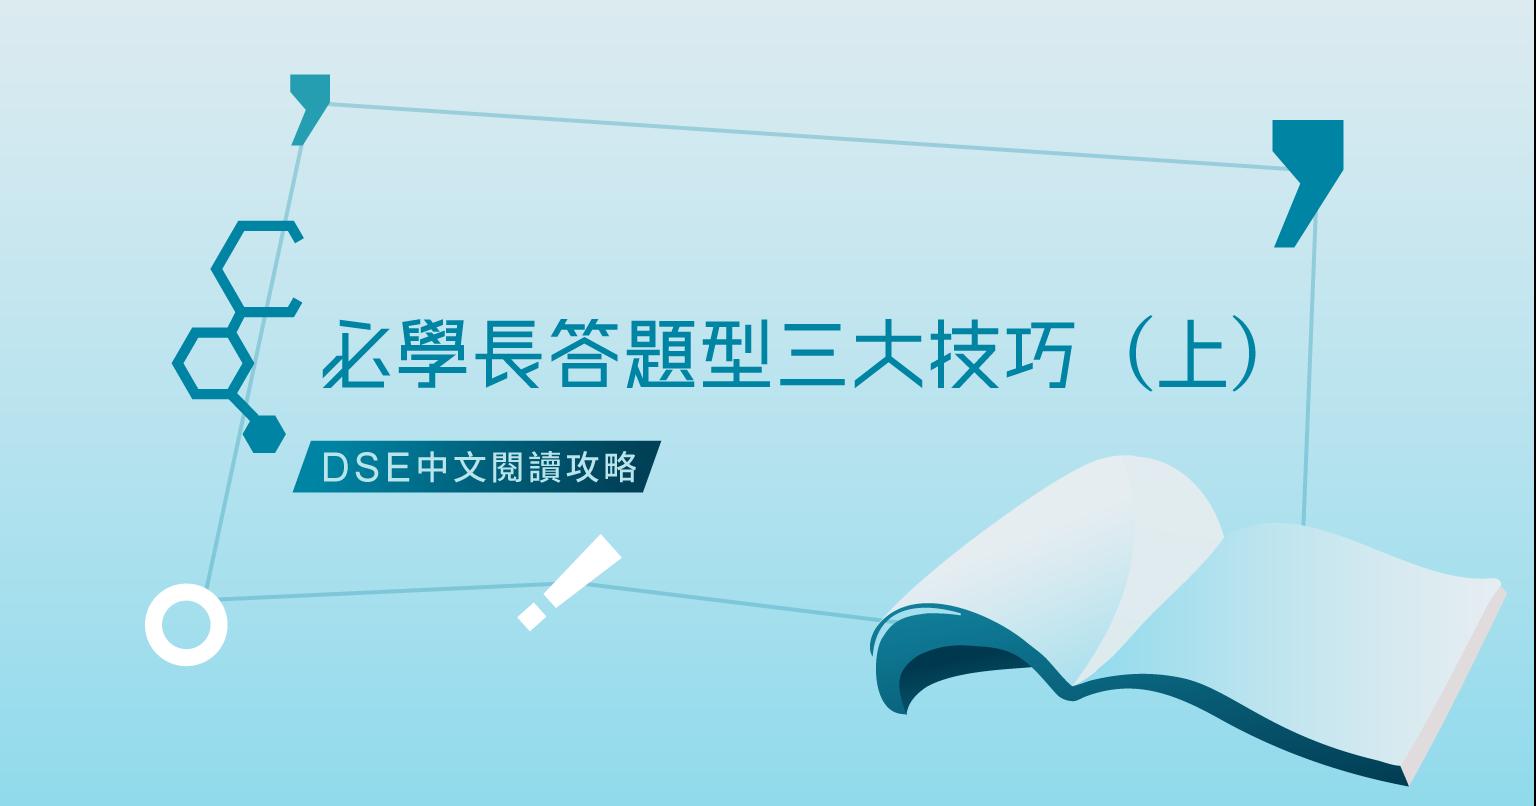 DSE中文卷一|必學三個閱讀理解長答題型技巧,範文解說助溫習!(上)